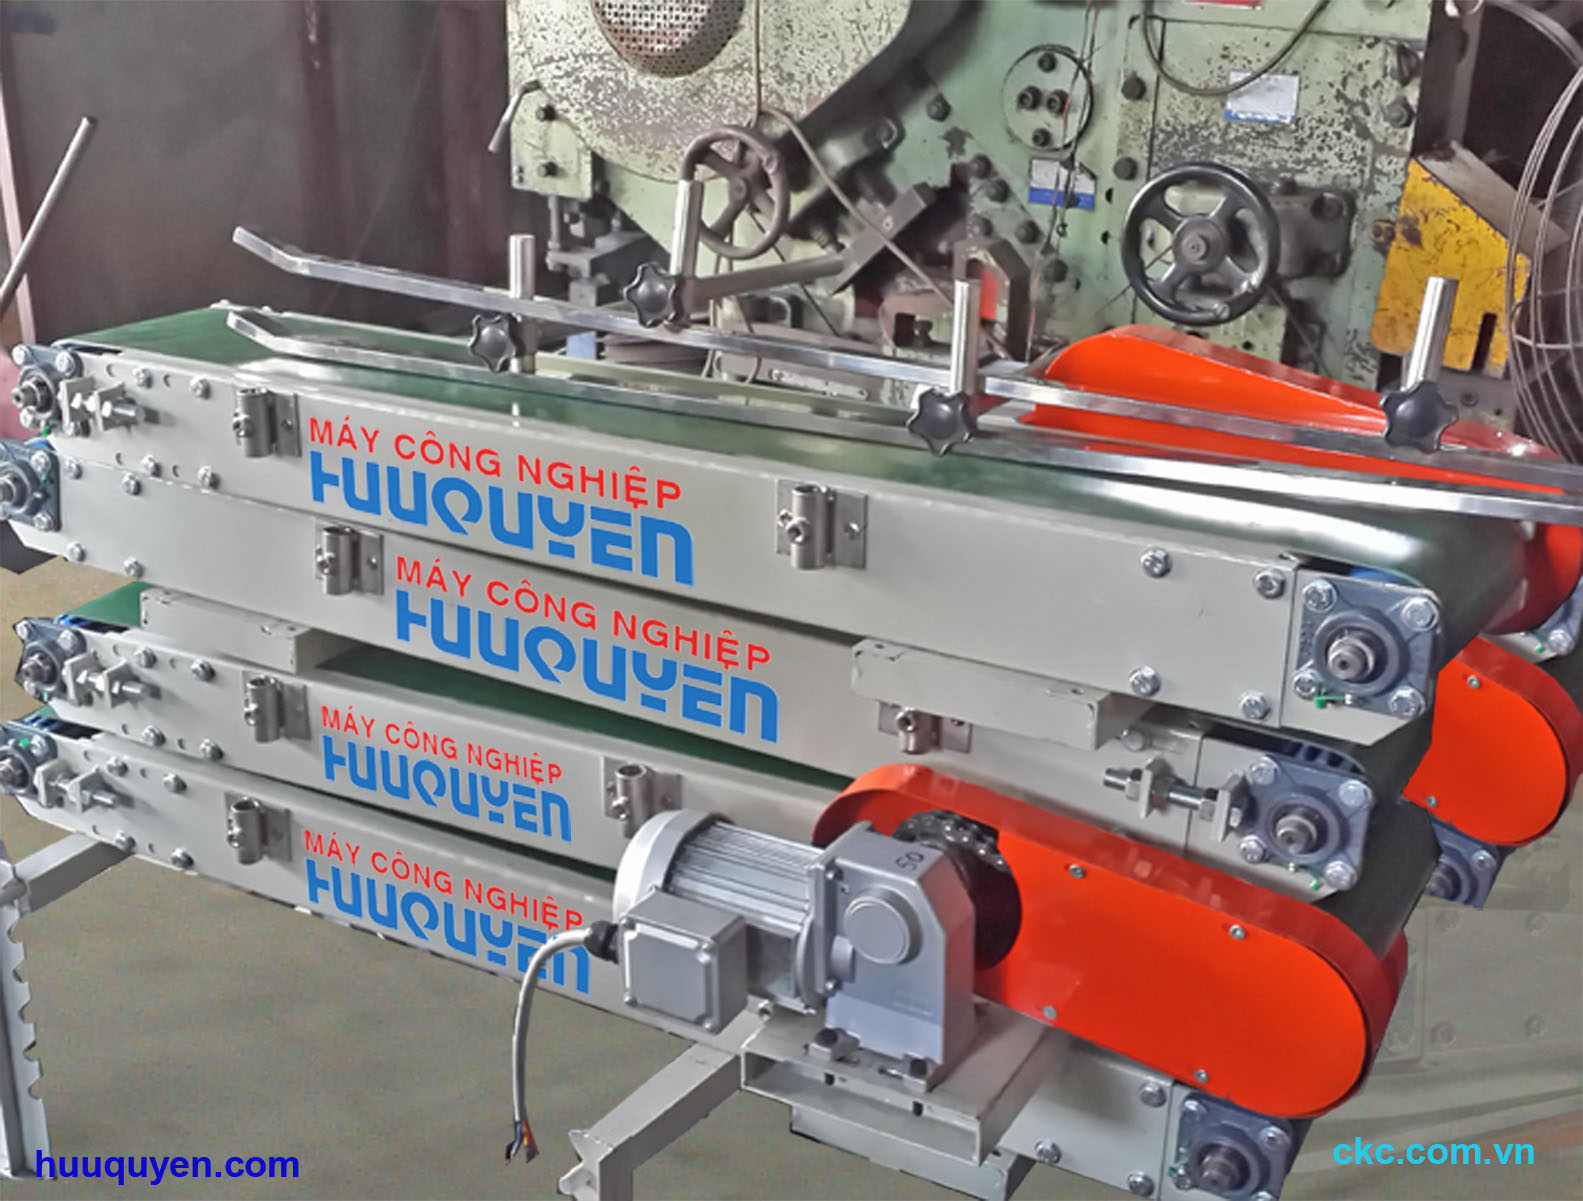 Sản xuất chế tạo băng tải dẫn may miệng bao